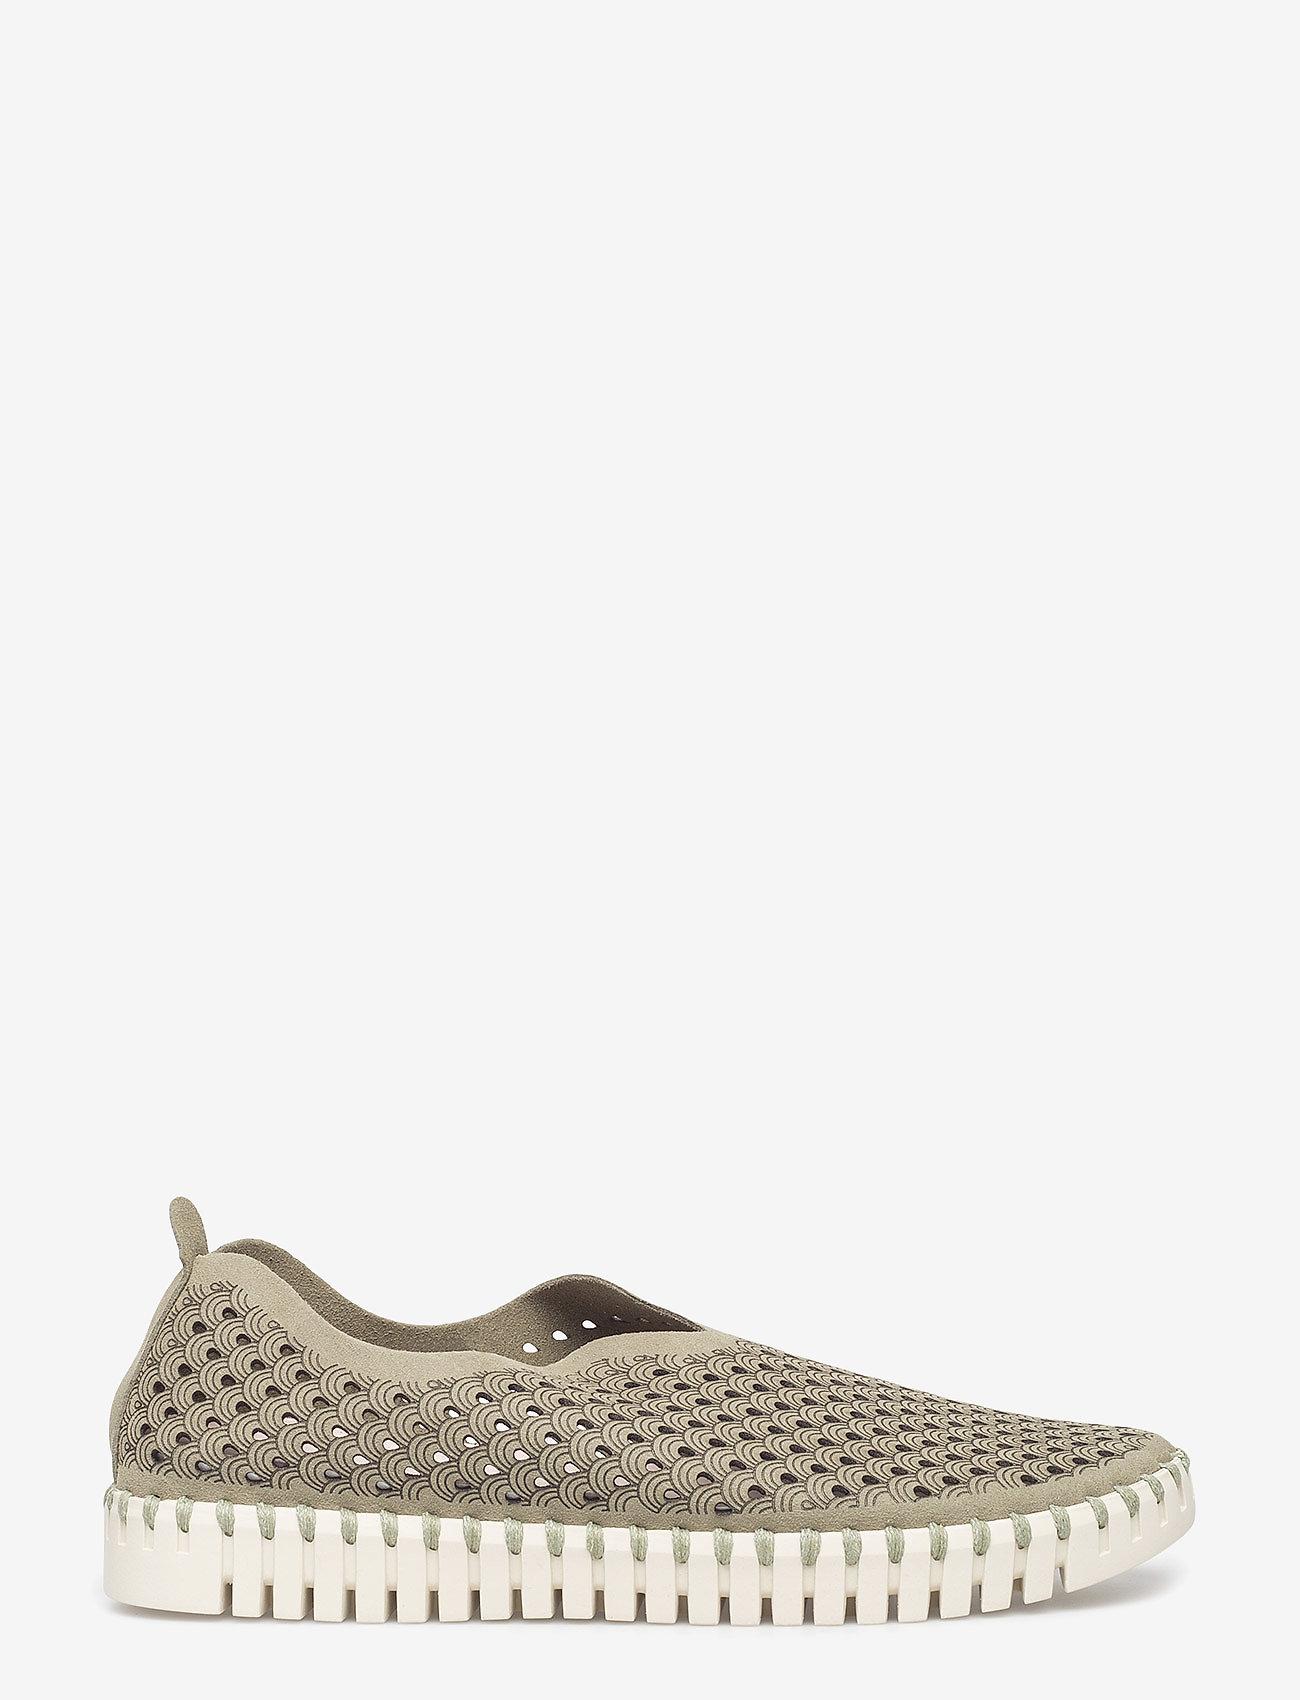 Ilse Jacobsen - Flats - slip-on sneakers - 463 laurel green - 1